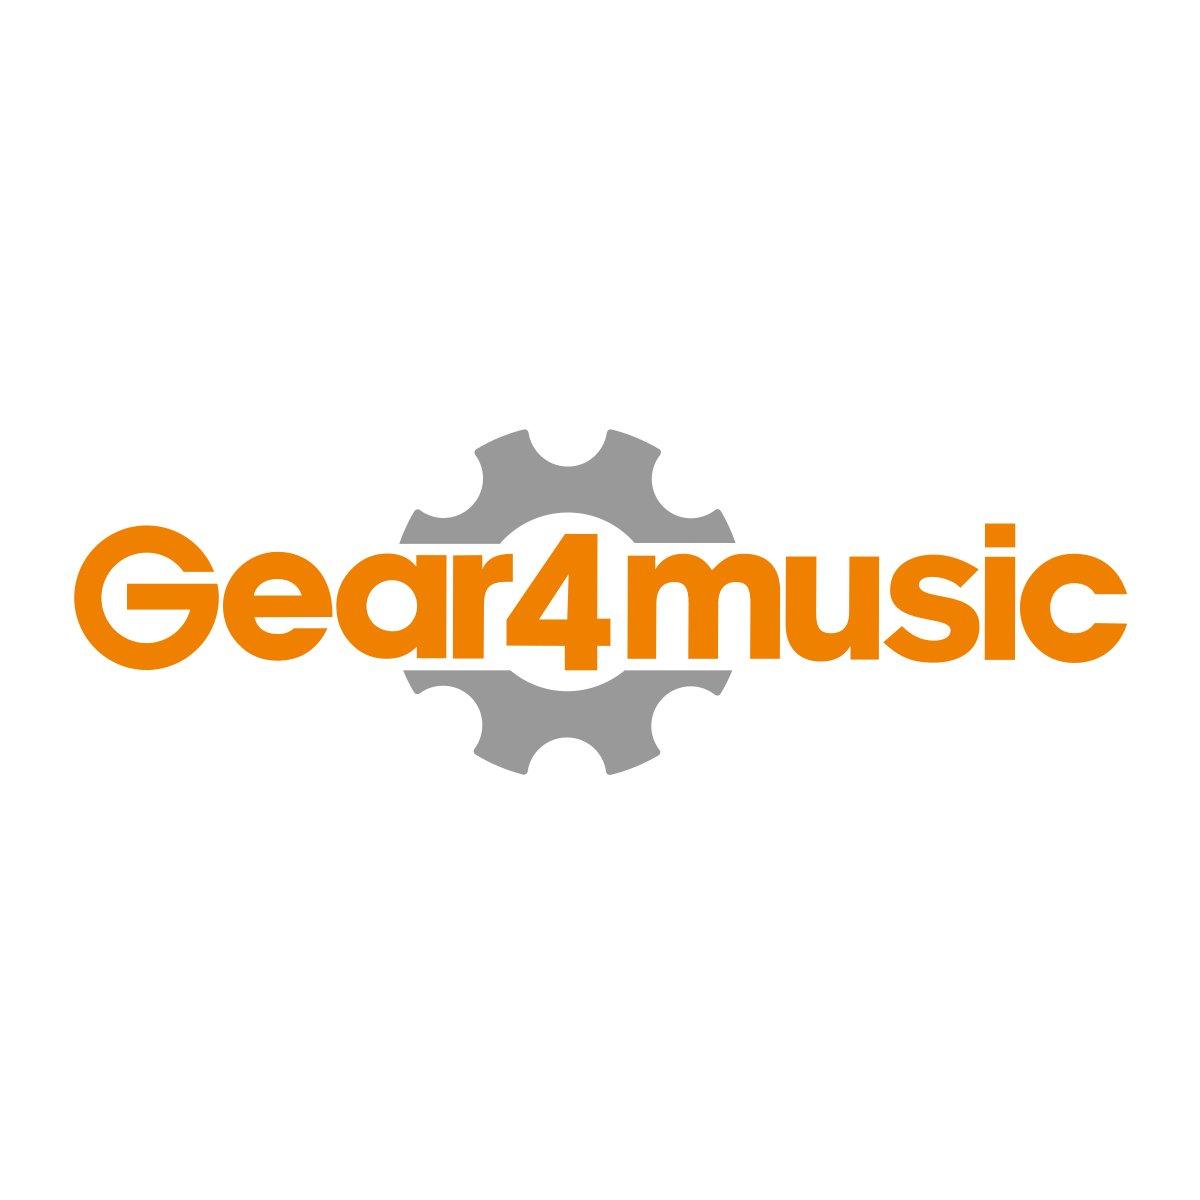 Querflöte und Zubehör - Anfängerpaket  von Gear4music